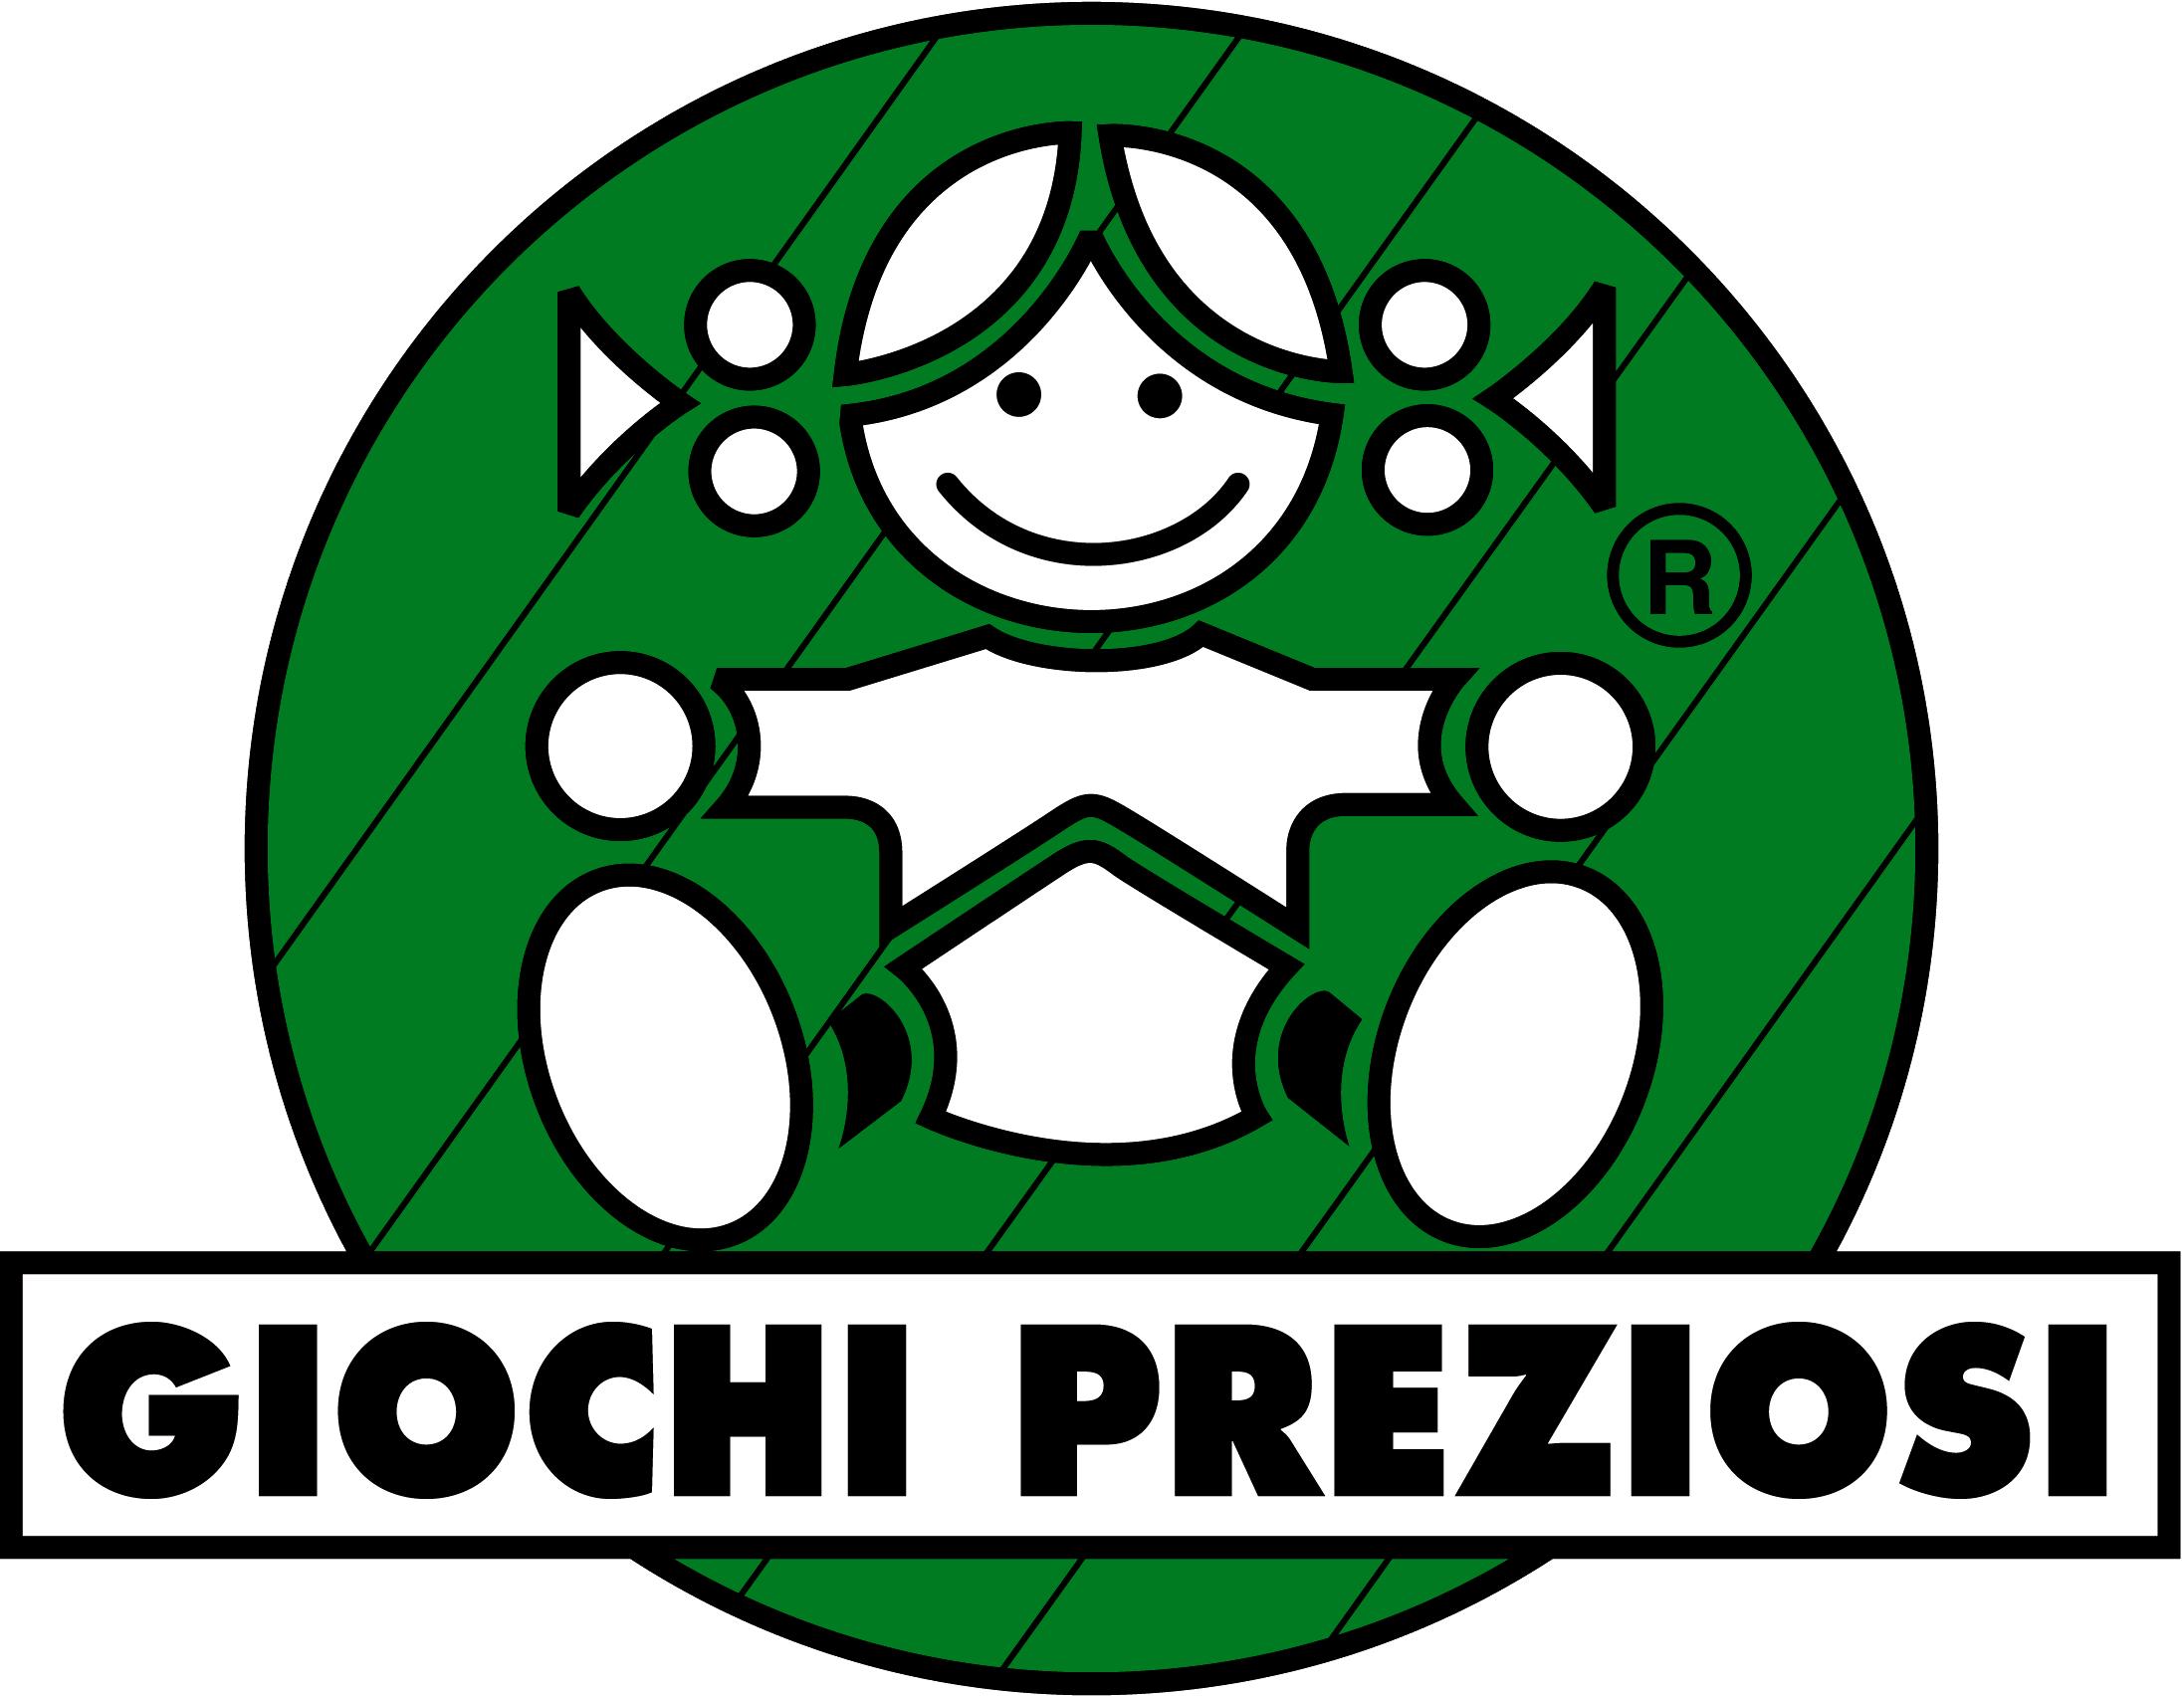 145f4d7ea0 Gruppo Giochi Preziosi - Wikipedia